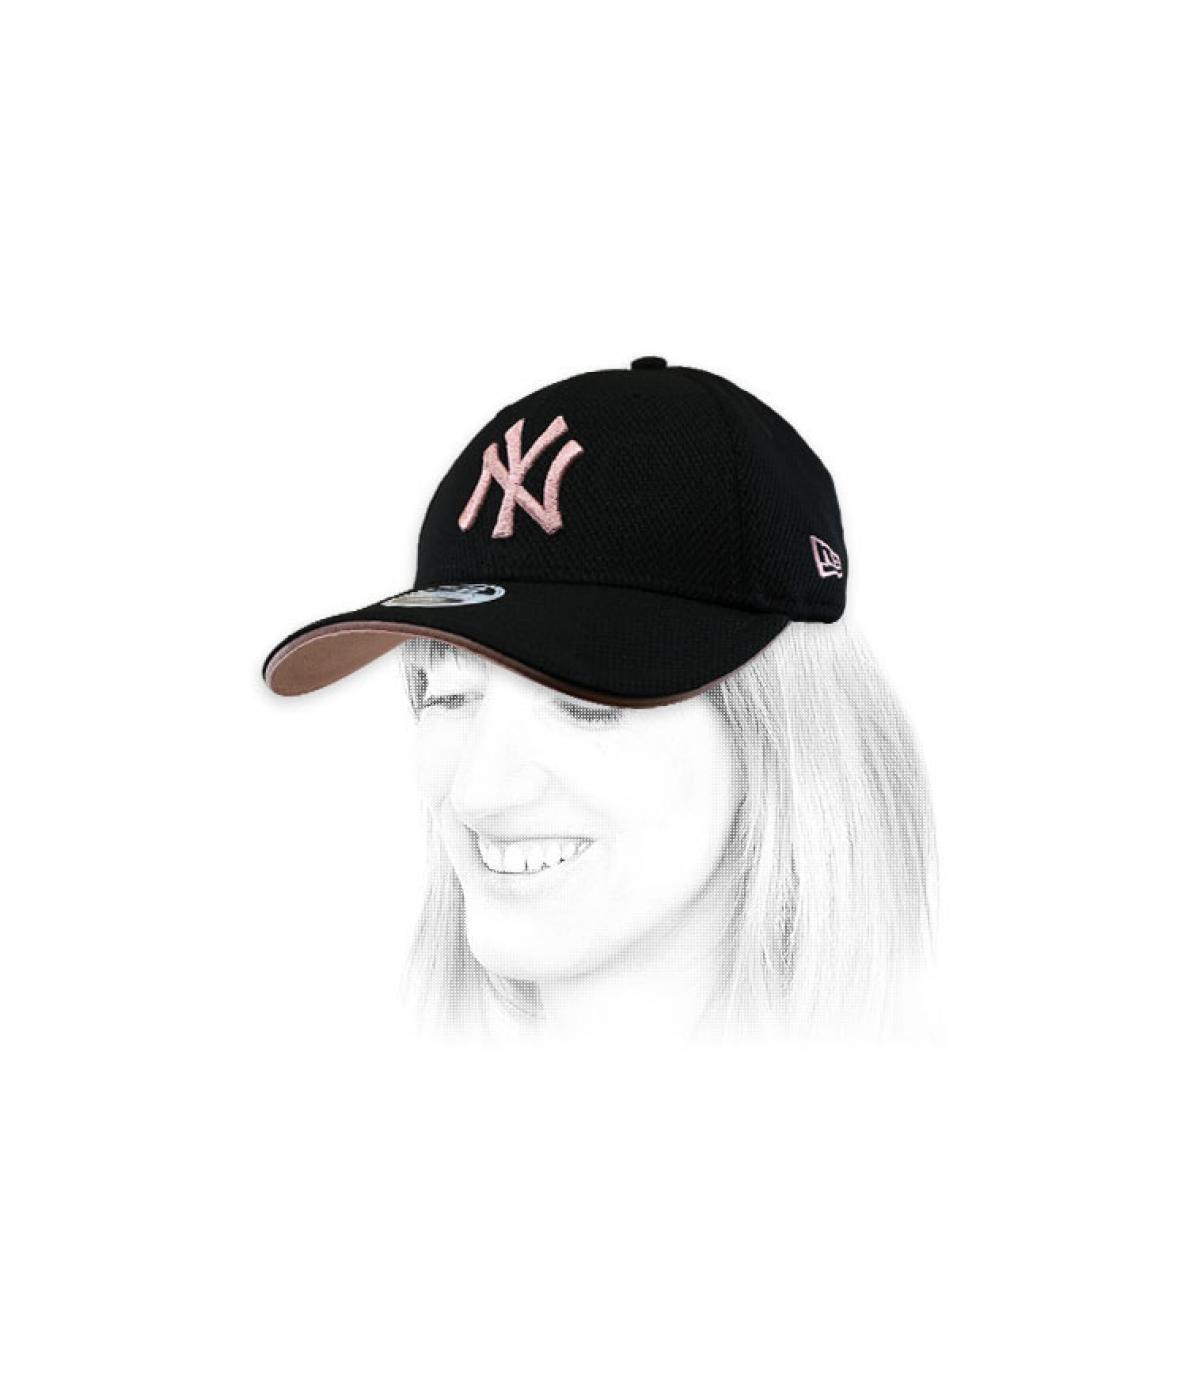 Cappellino da donna NY nero rosa